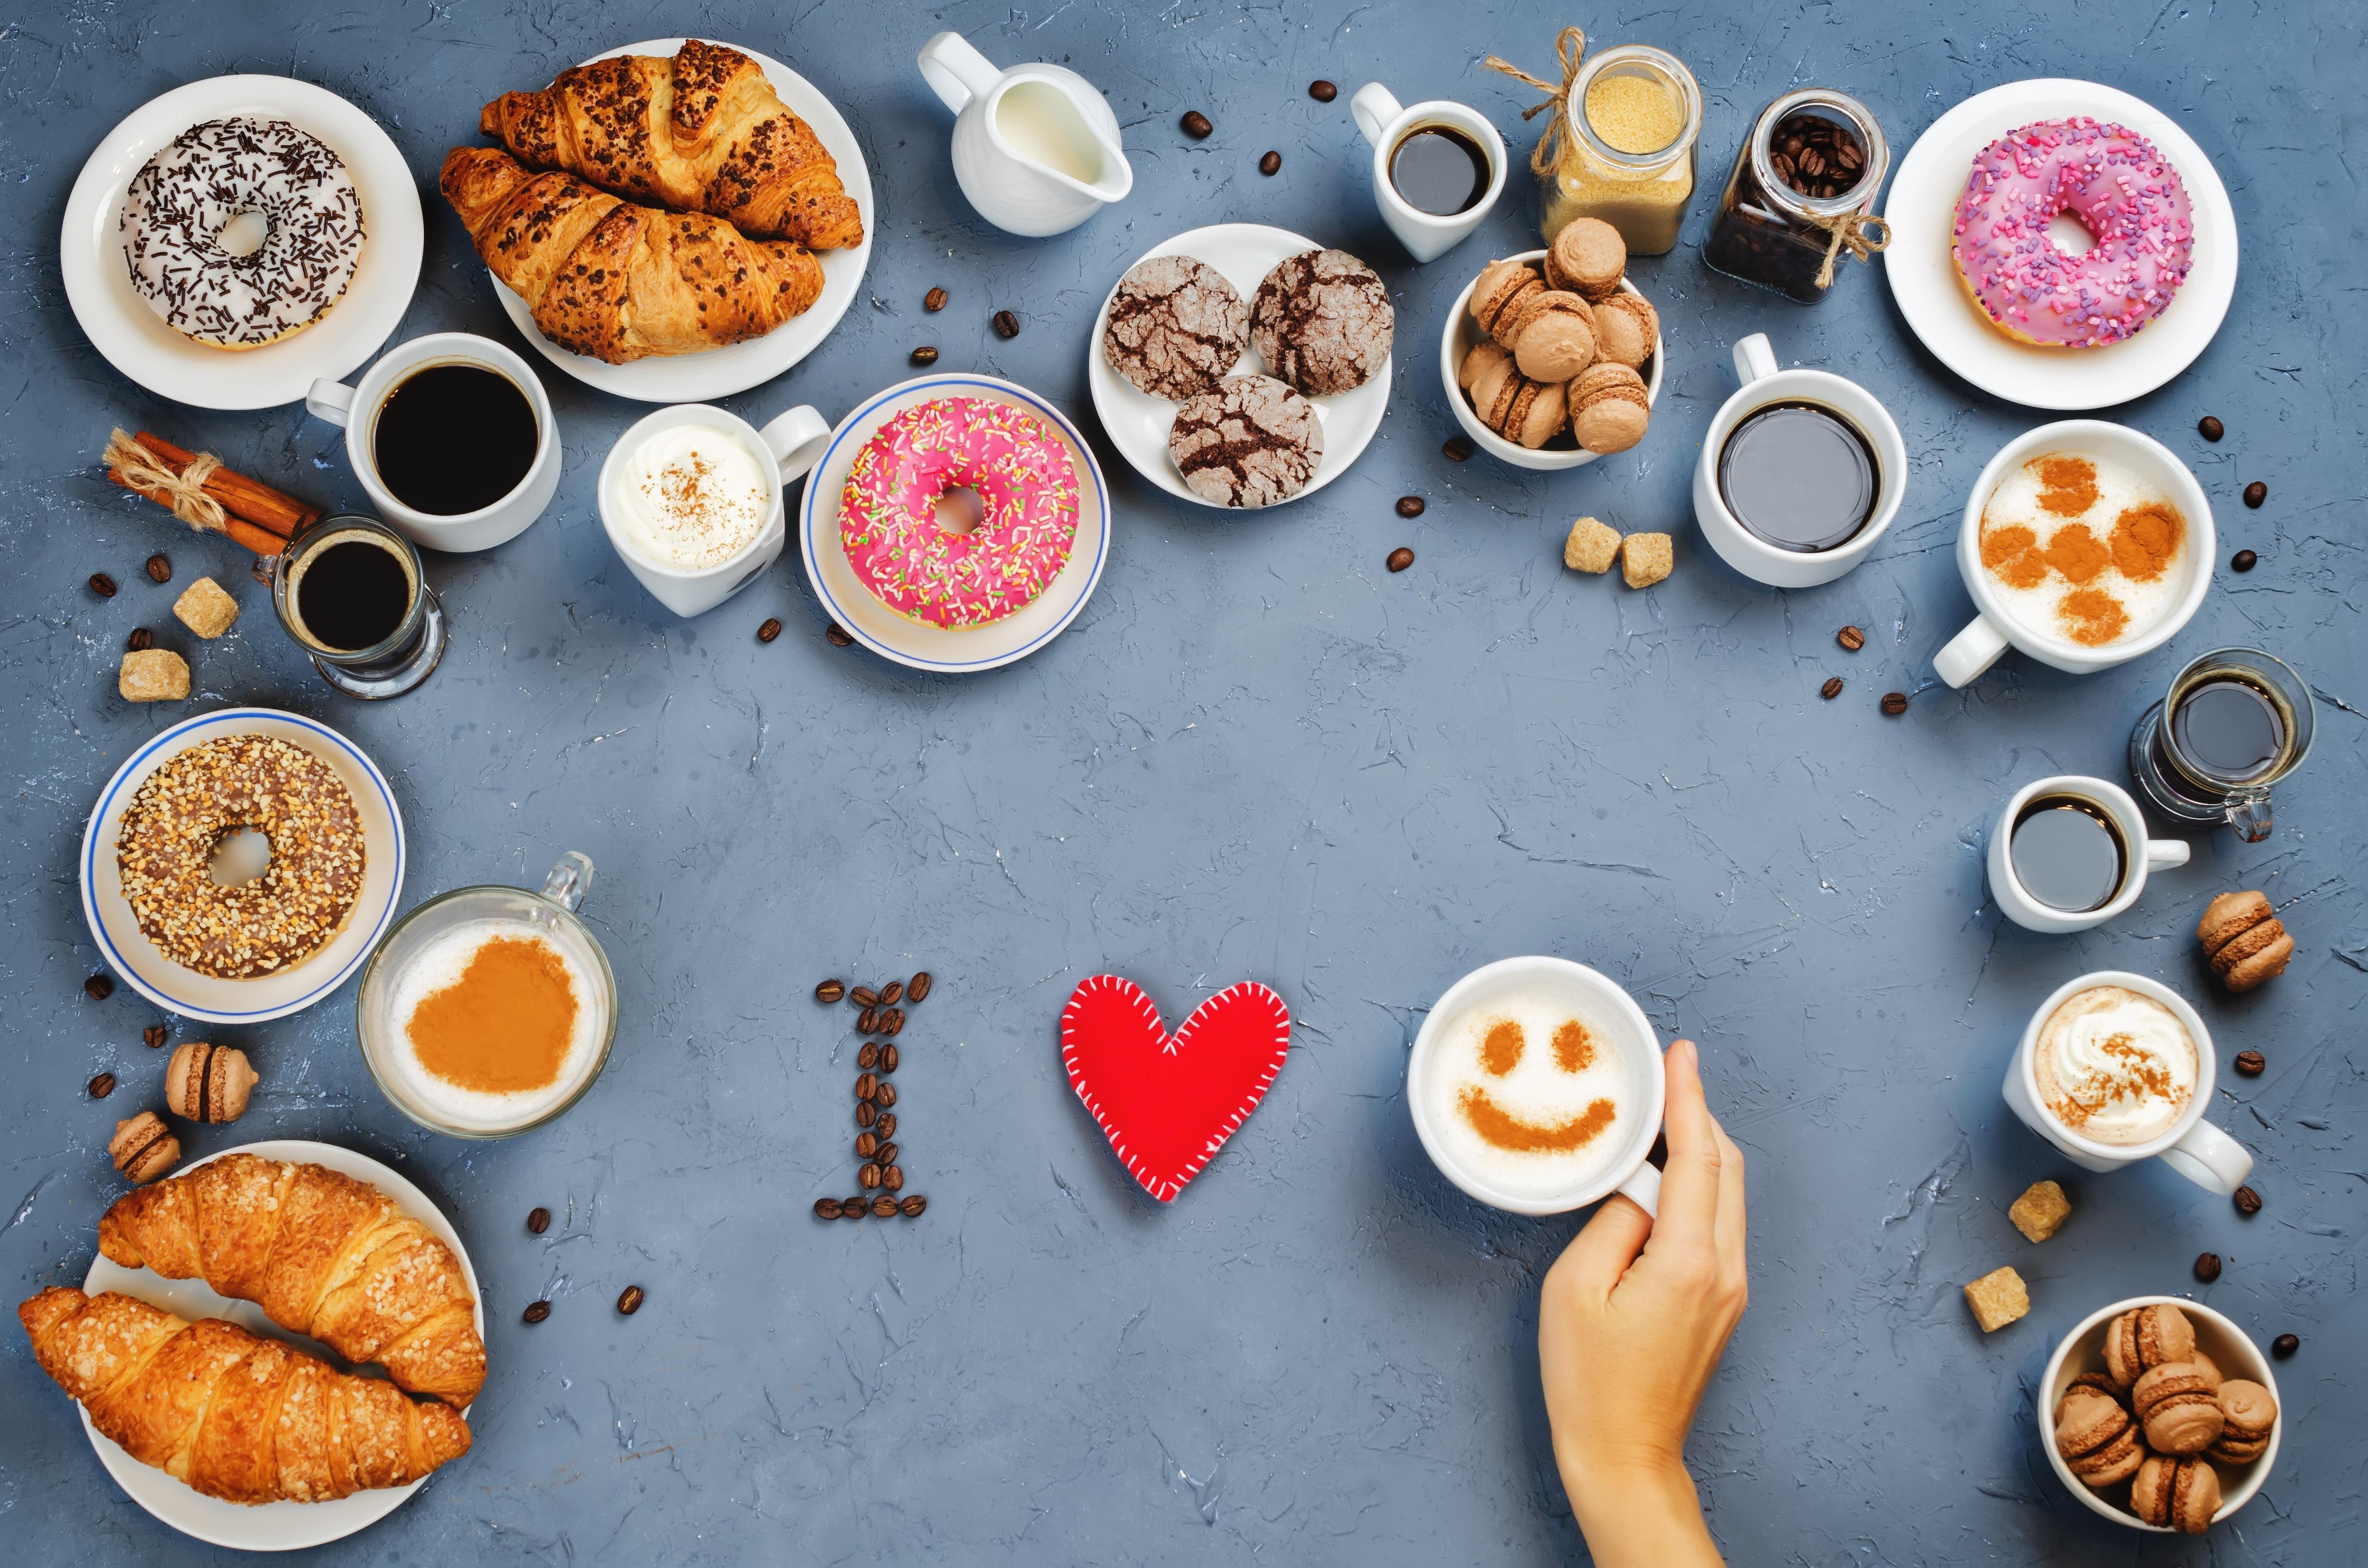 Картинки Любовь Пончики Круассан Чашка Продукты питания 4928x3264 Еда Пища